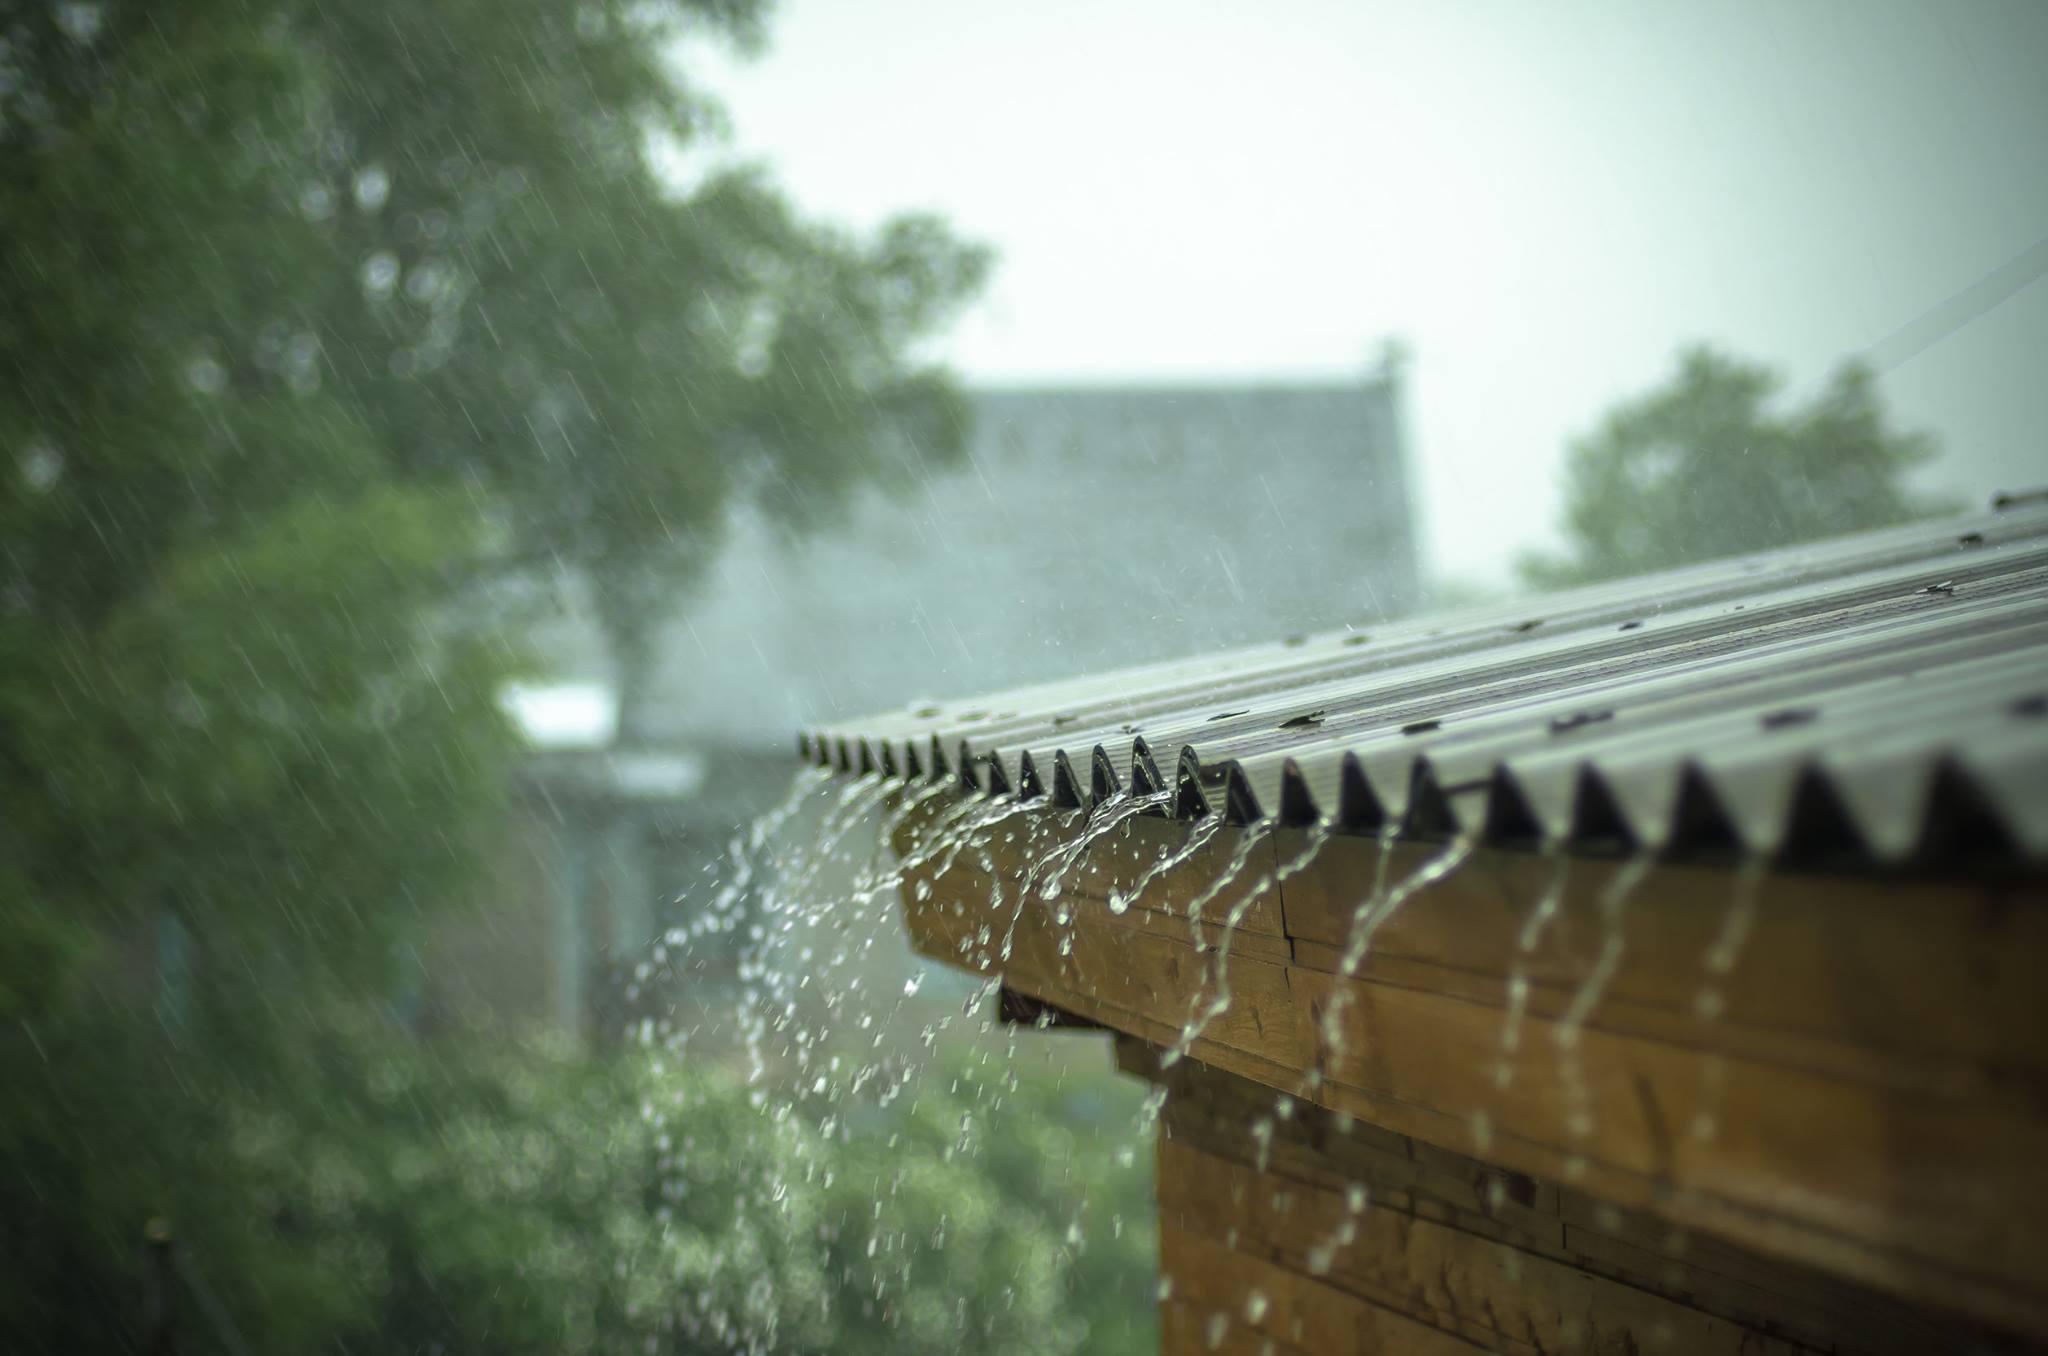 ALERTĂ METEO | Weekend cu ploi torenţiale şi temperaturi scăzute